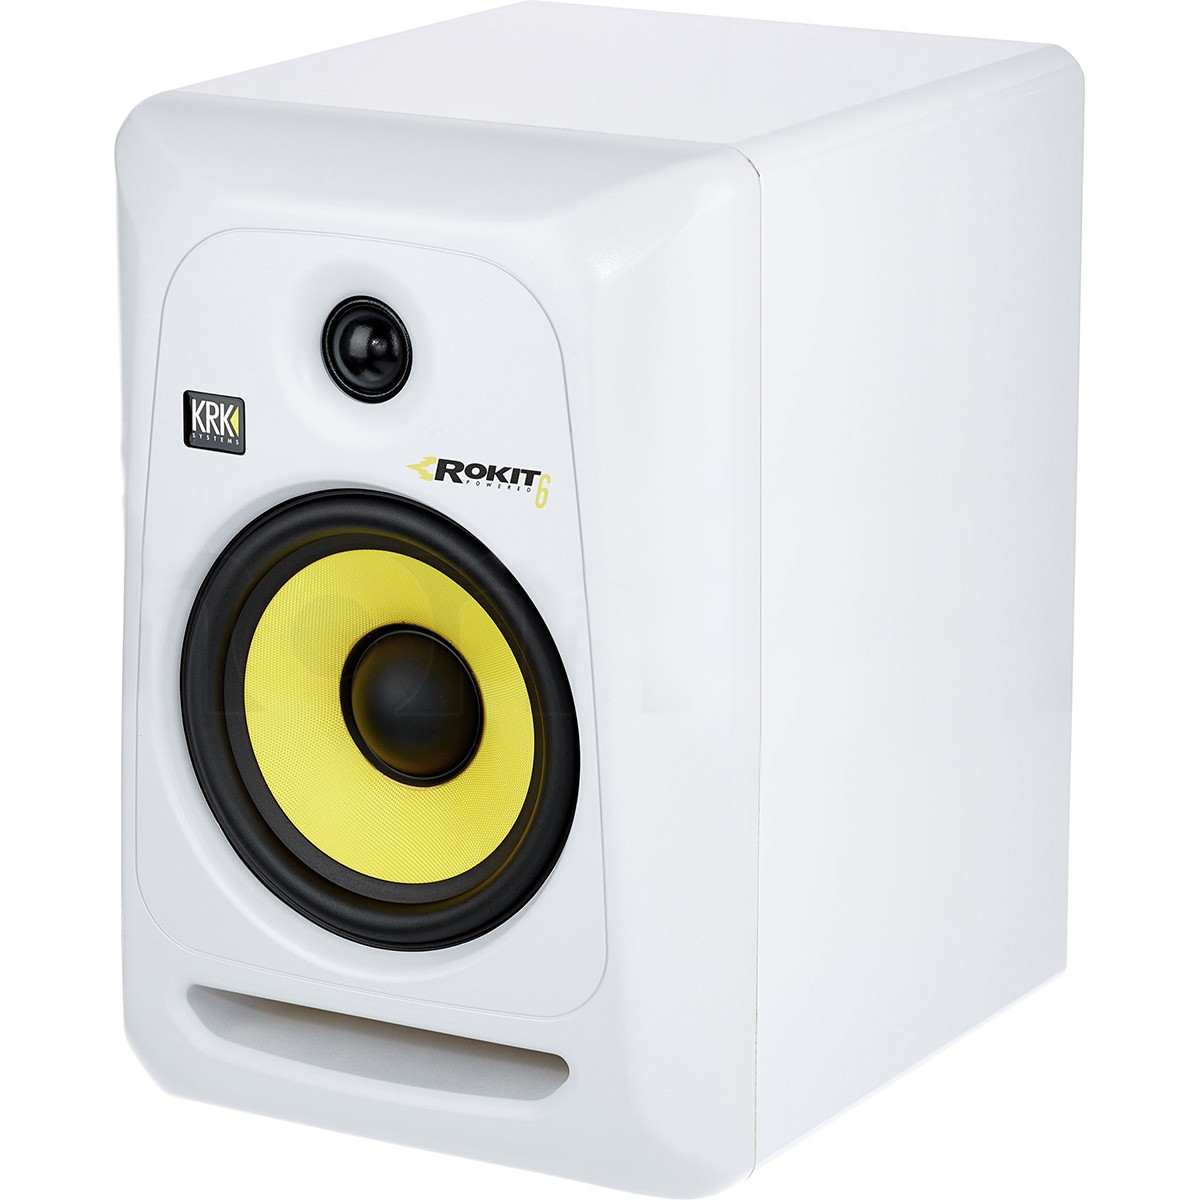 Krk RP6 G3 Rokit Powered Monitor de Áudio Referencia para Estudio, Branco, 110v, Unidade